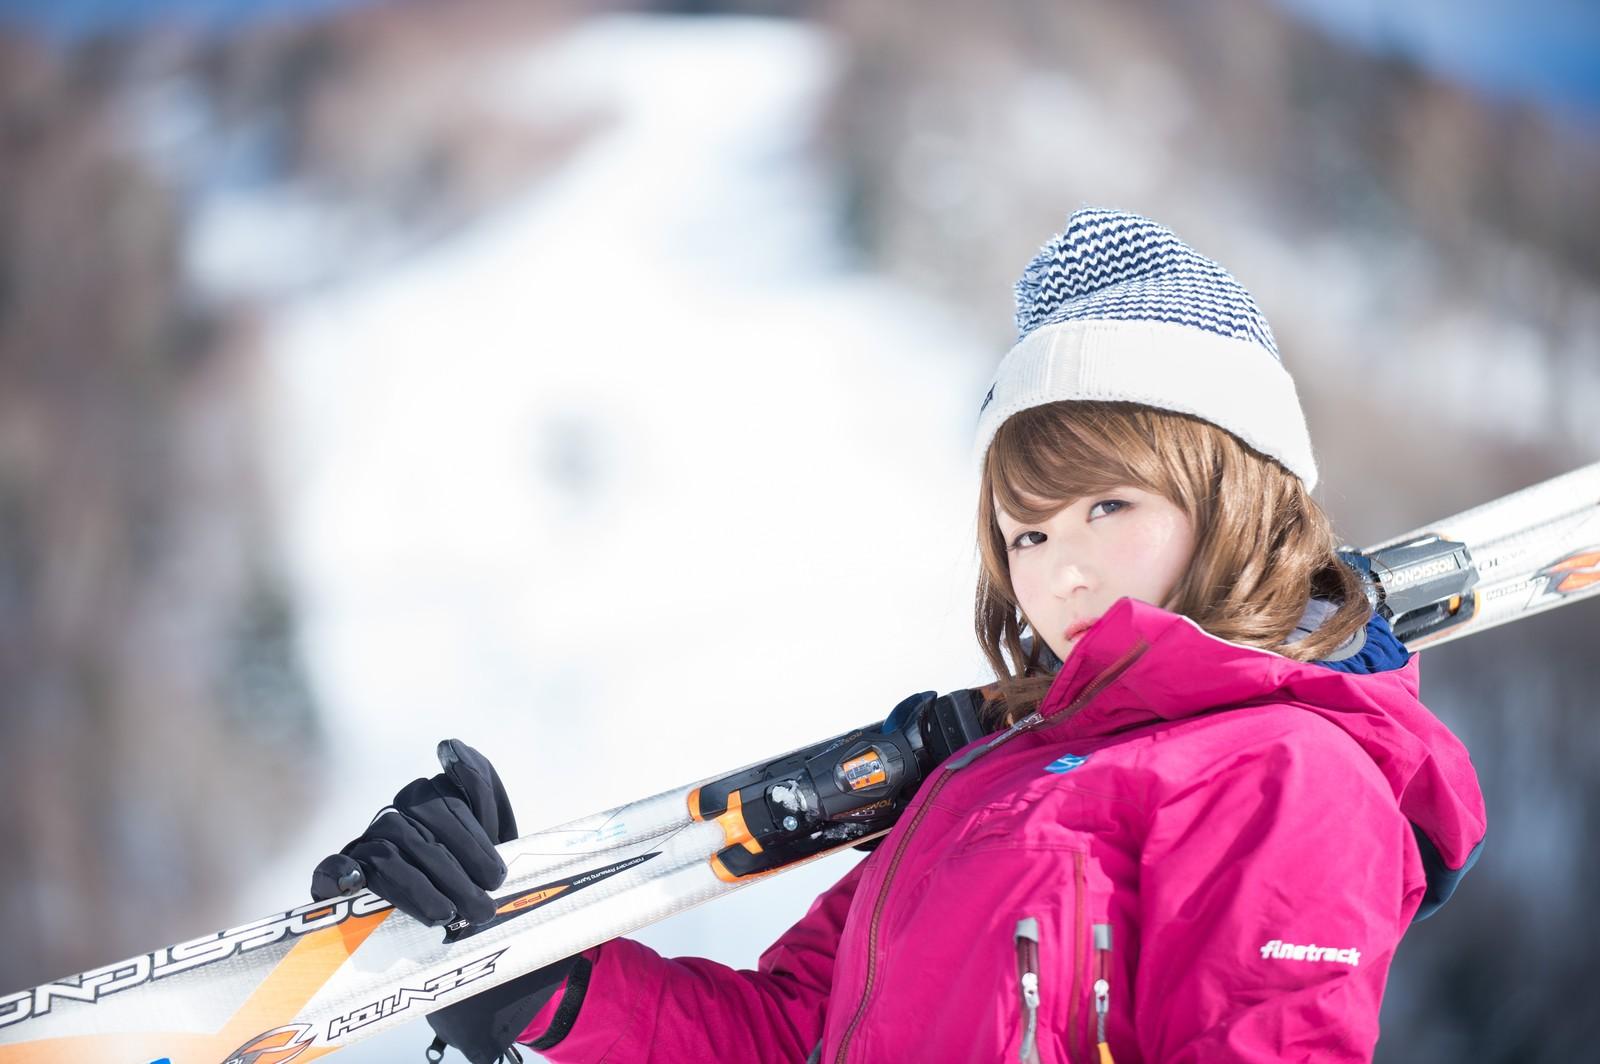 スキーする女性 イメージ